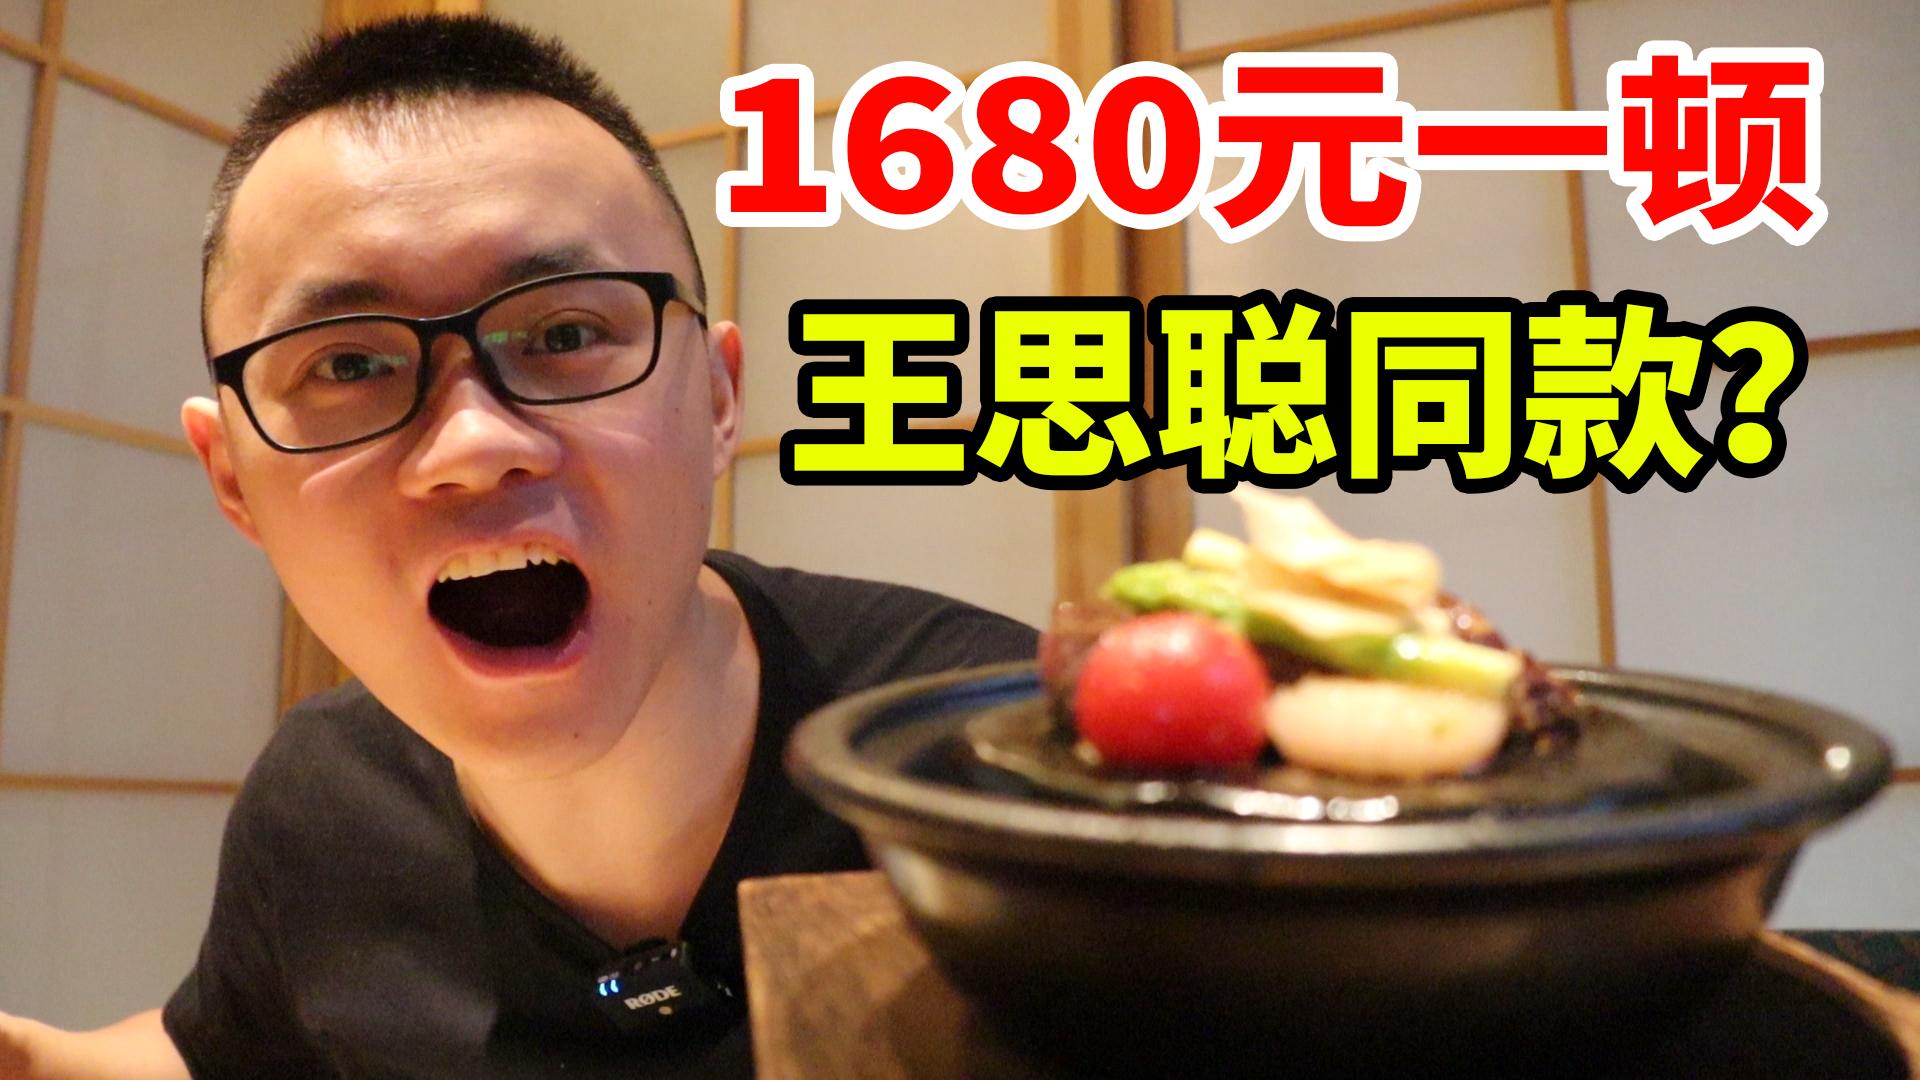 花1680元吃一顿日式料理,王思聪也去过的店,味道有多好?